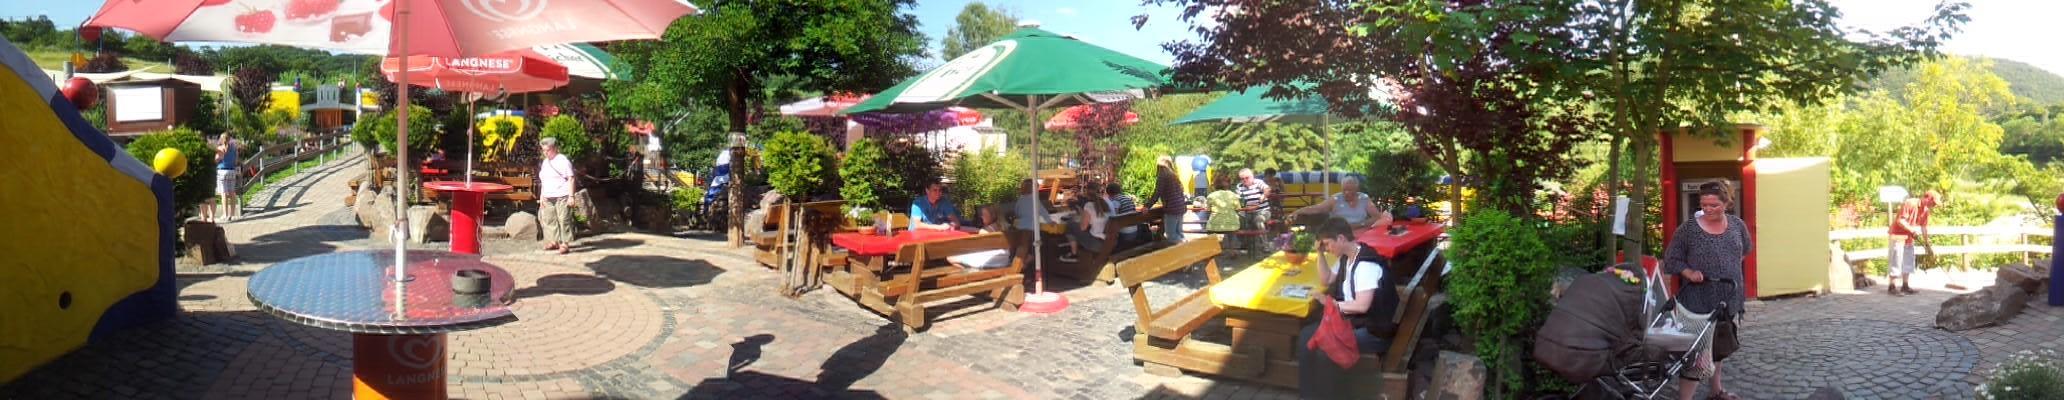 2011-07-05 16.45.57 terrasse edersee spielplatz (14)